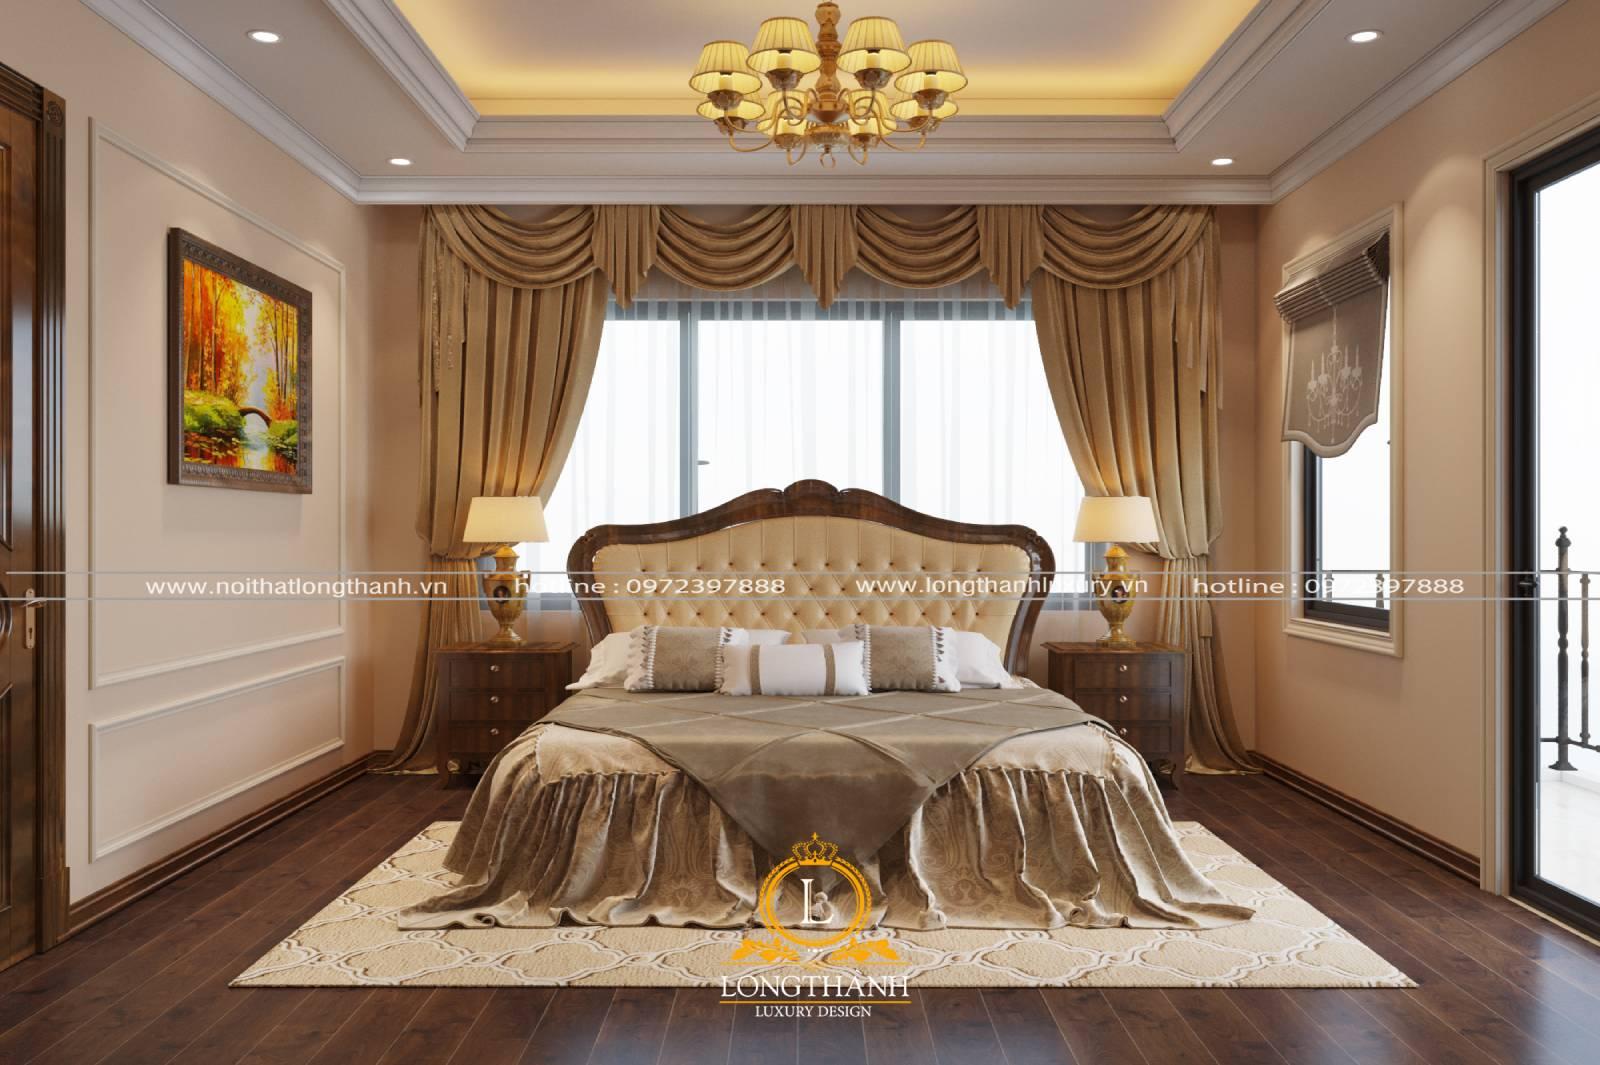 Đèn chùm tân cổ điển cho phòng ngủ nhỏ hài hòa cân đối